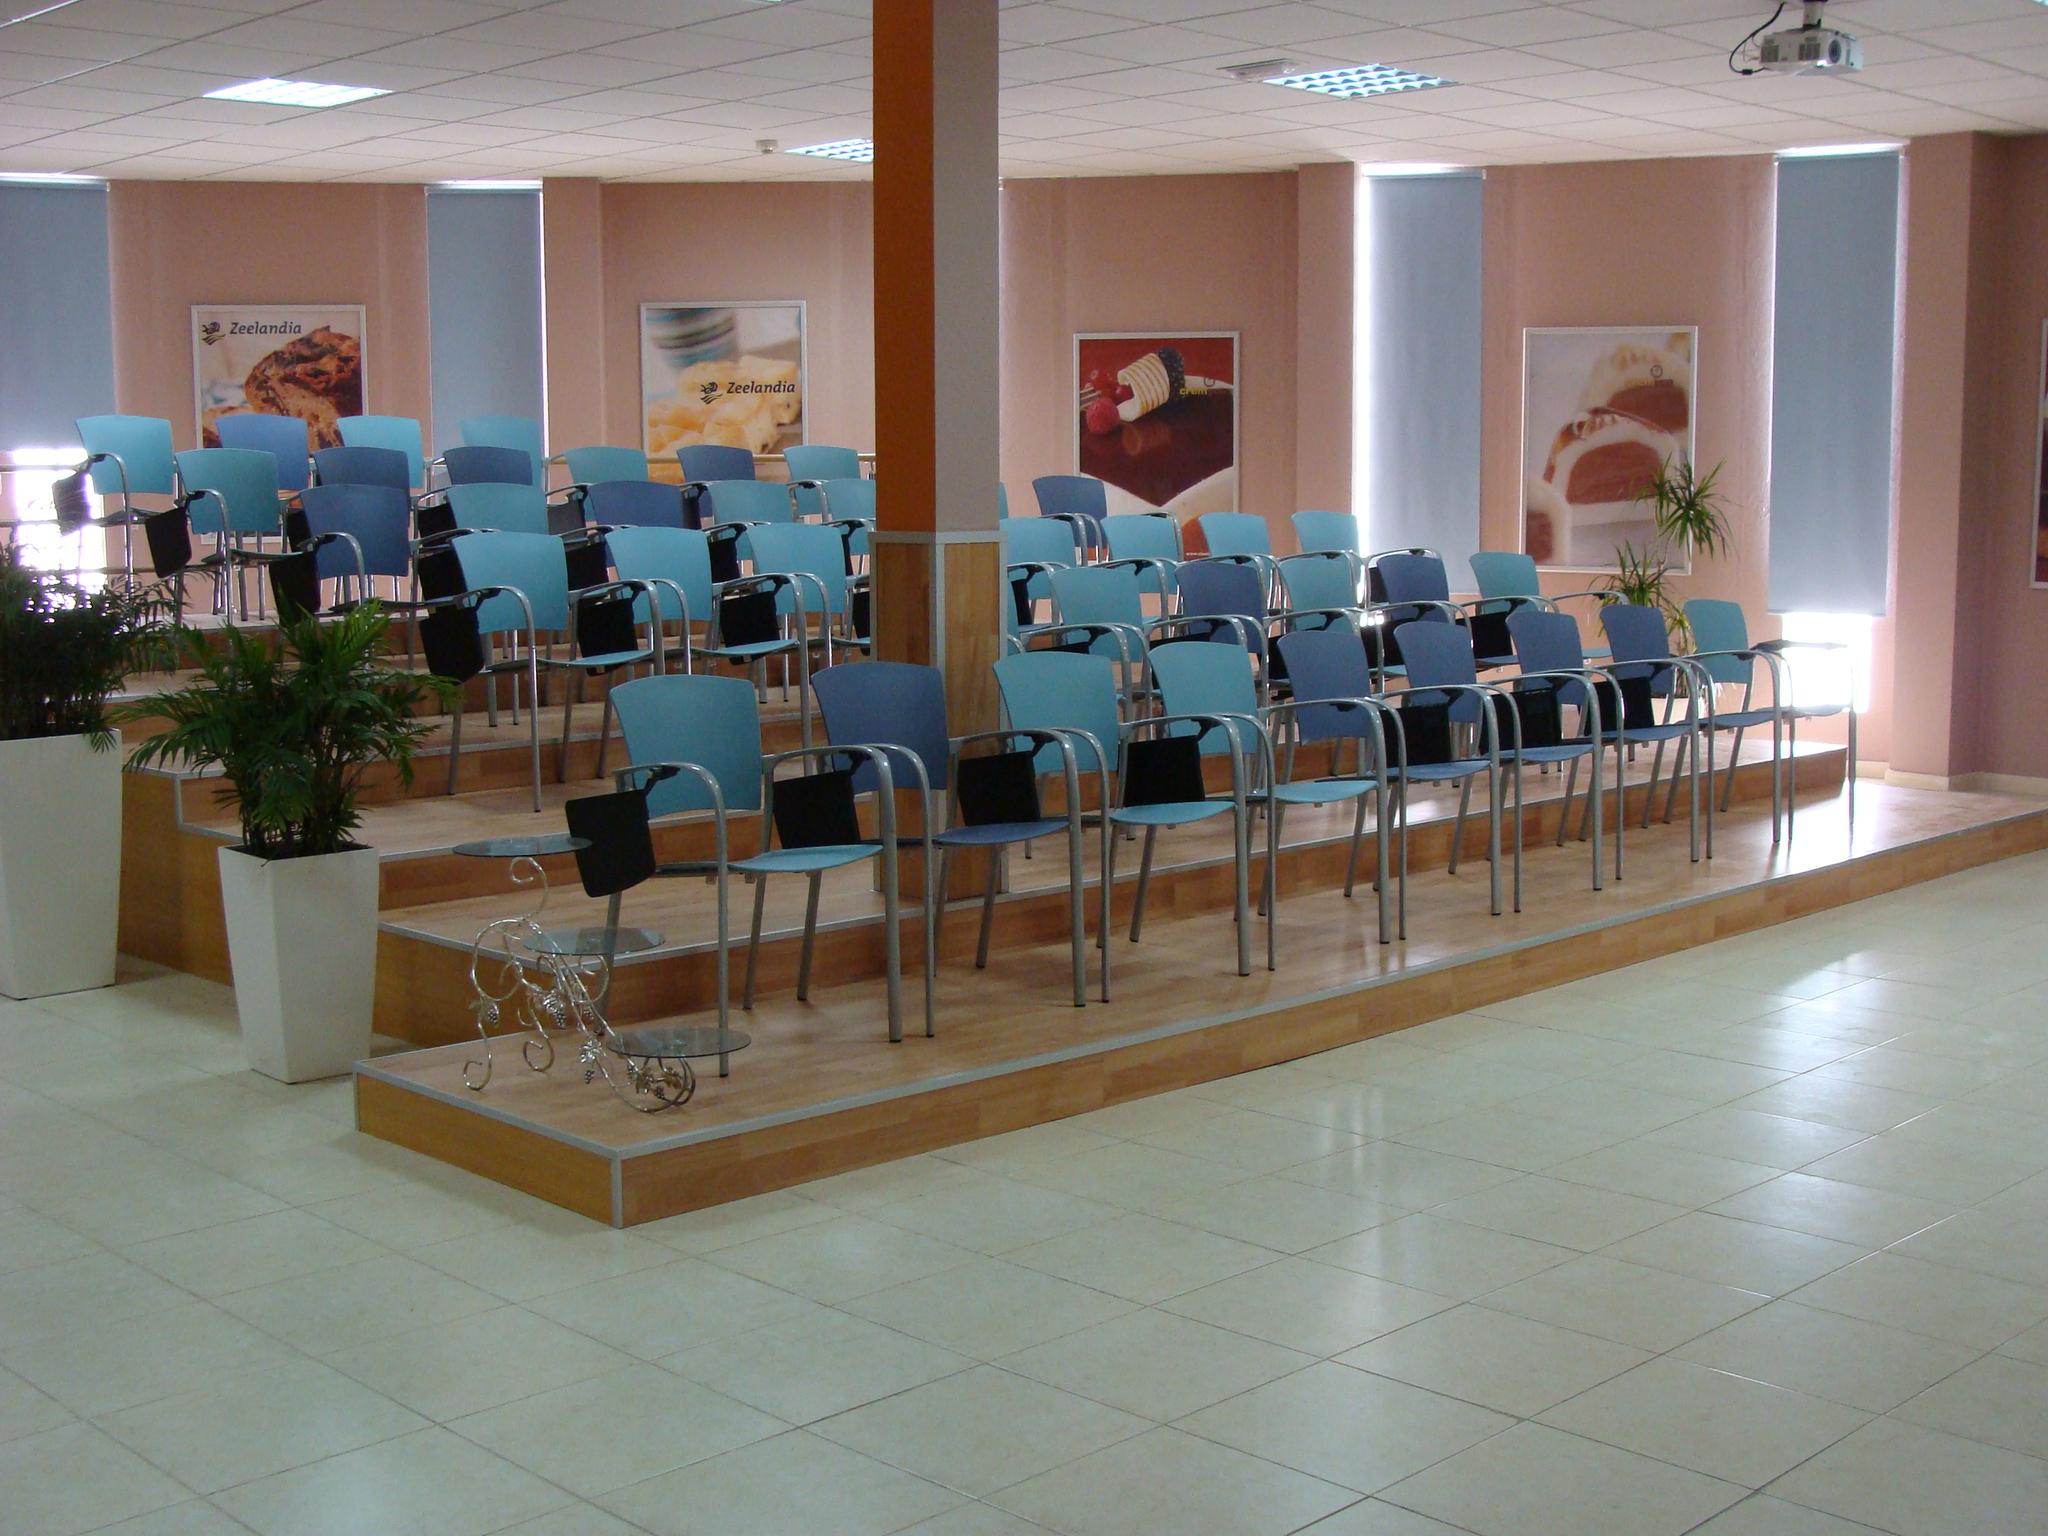 Centro de Formación del Grupo Haricana, Servicios y Suministros de Panadería, S.L.,featured image